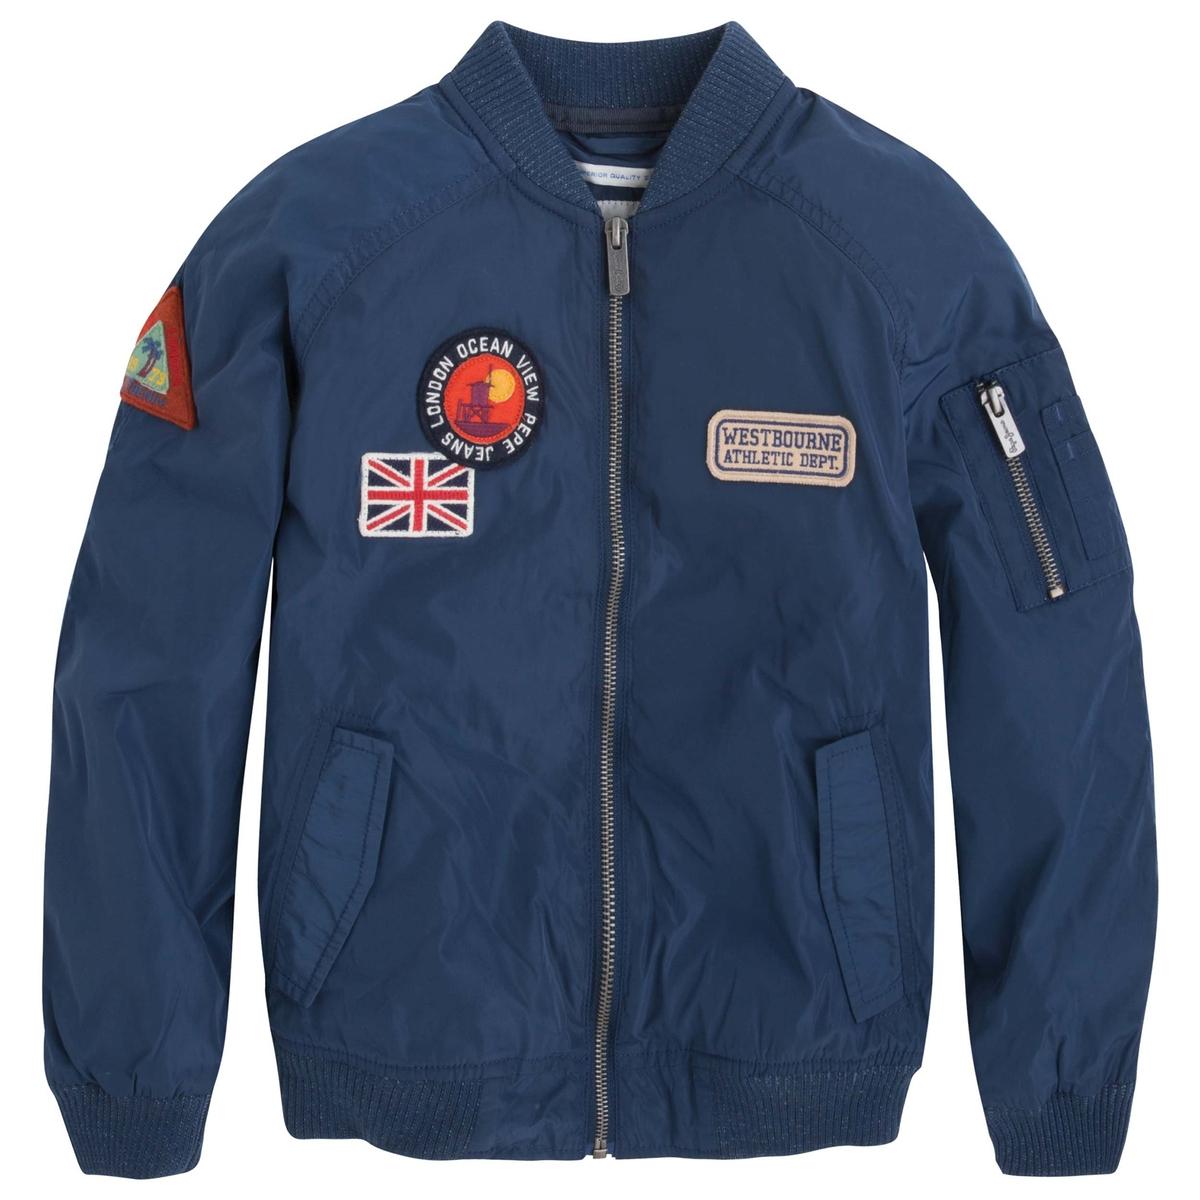 Куртка-бомбер прямого покрояОписание:Детали •  Бомбер •  Прямой покрой •  Воротник-поло, рубашечныйСостав и уход •  100% полиэстер •  Следуйте рекомендациям по уходу, указанным на этикетке изделия<br><br>Цвет: синий морской<br>Размер: 12 лет -150 см